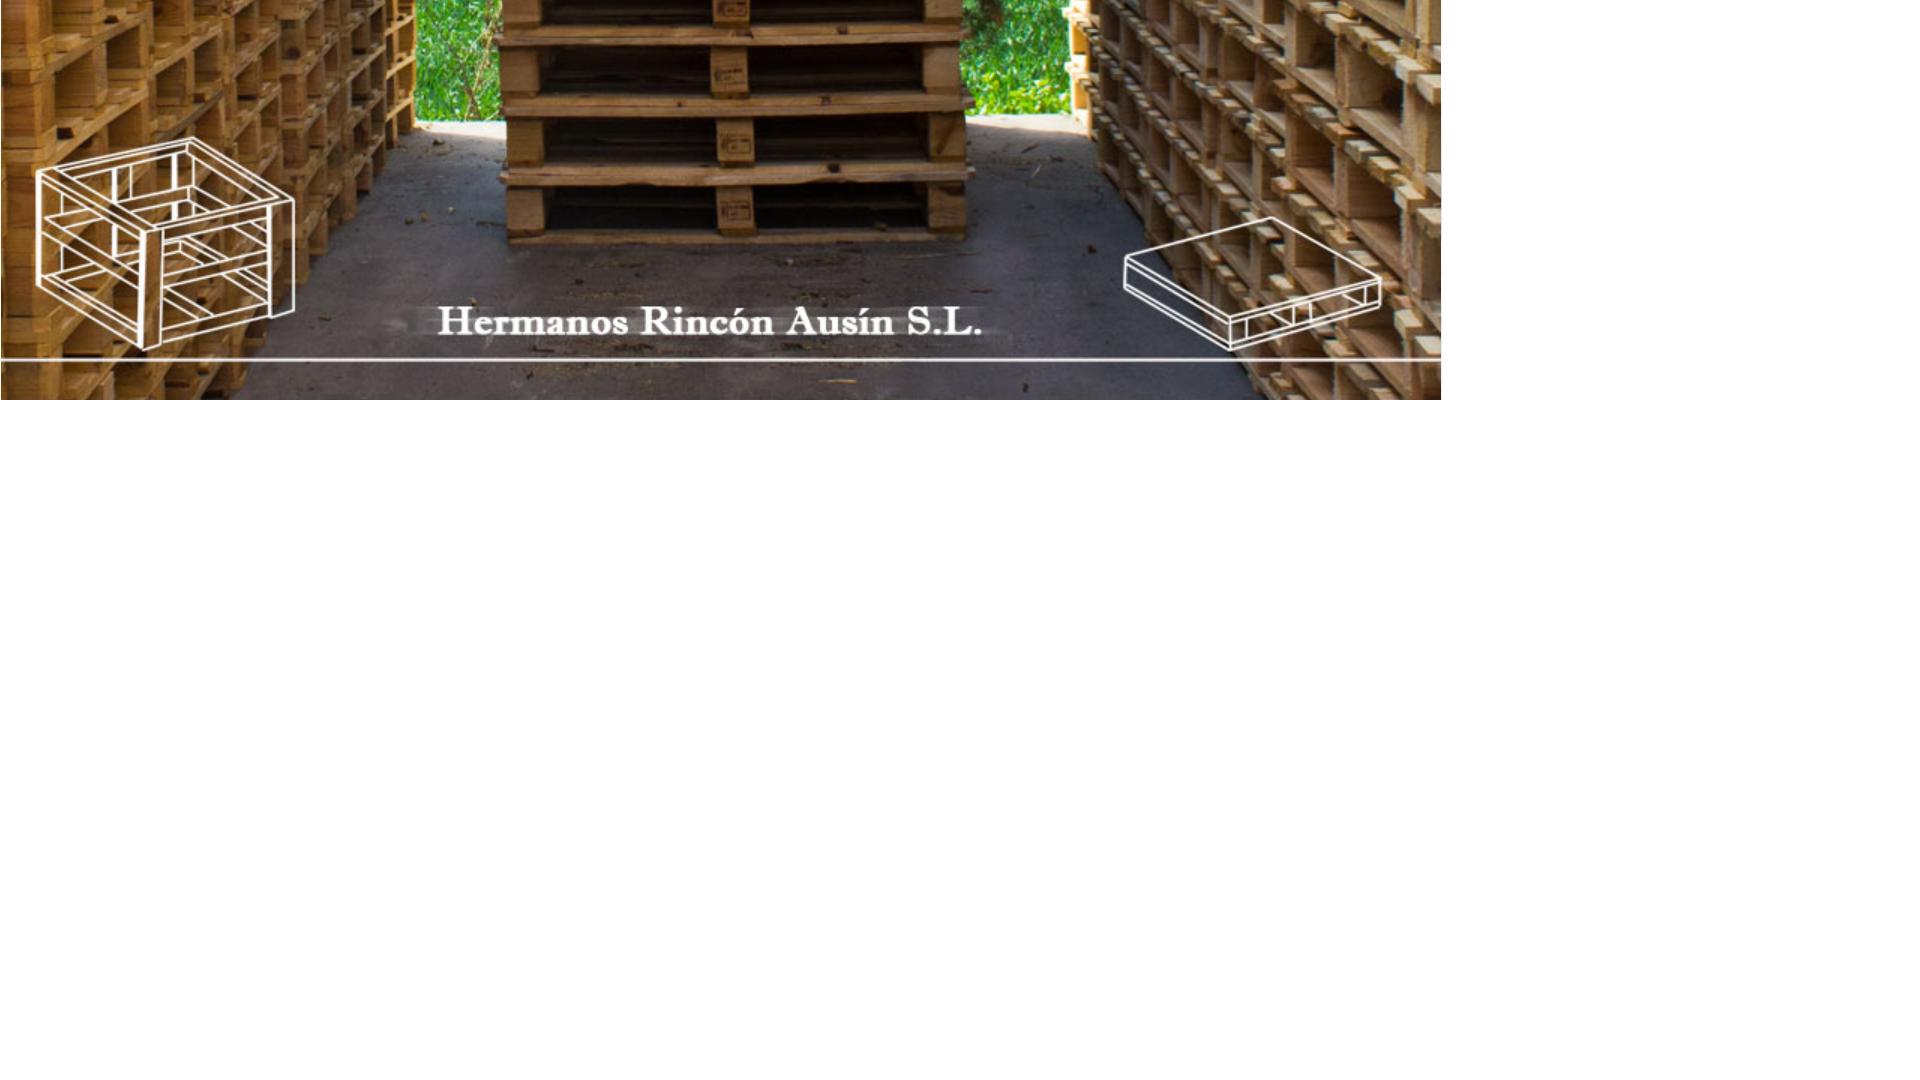 Embalaje De Madera Para Automocion P Ginas Amarillas # Certificado Fitosanitario Muebles